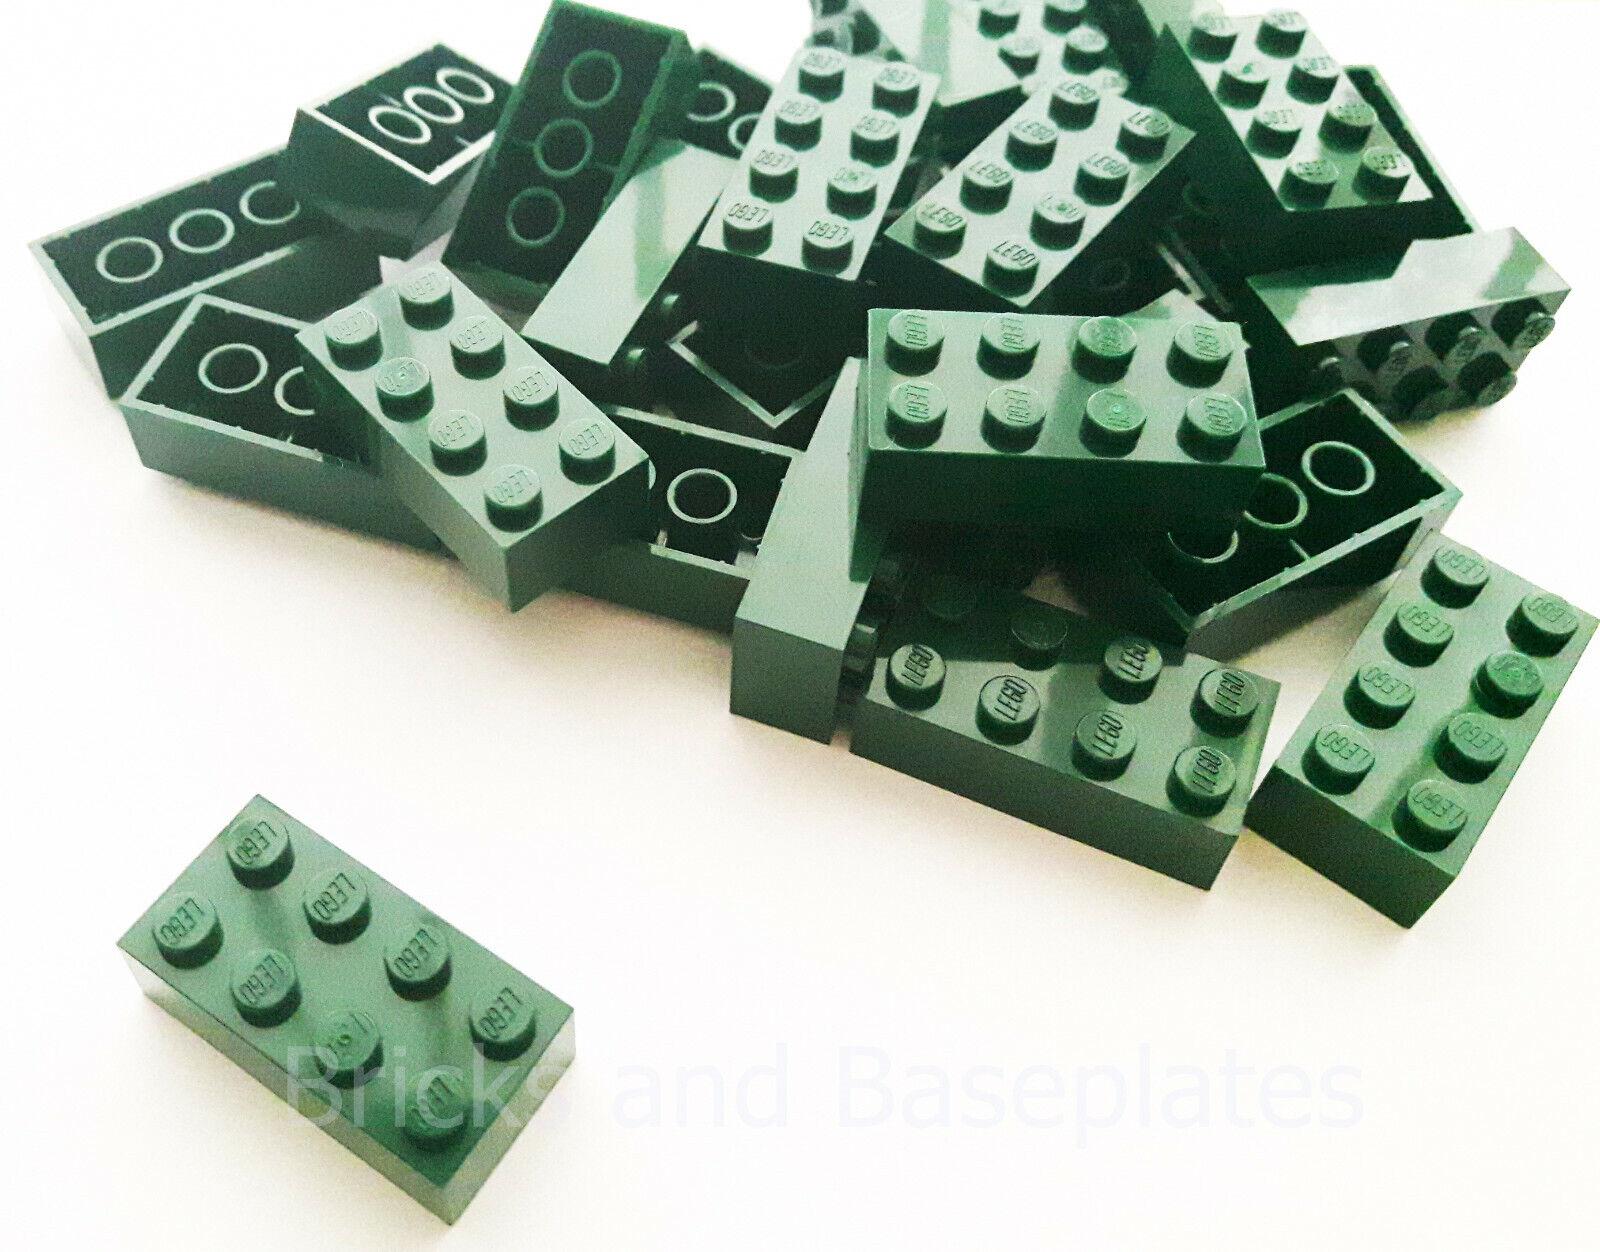 Briques Lego 200 x vert foncé 2x4 PIN NEUF envoyé dans une Claire scellé sac